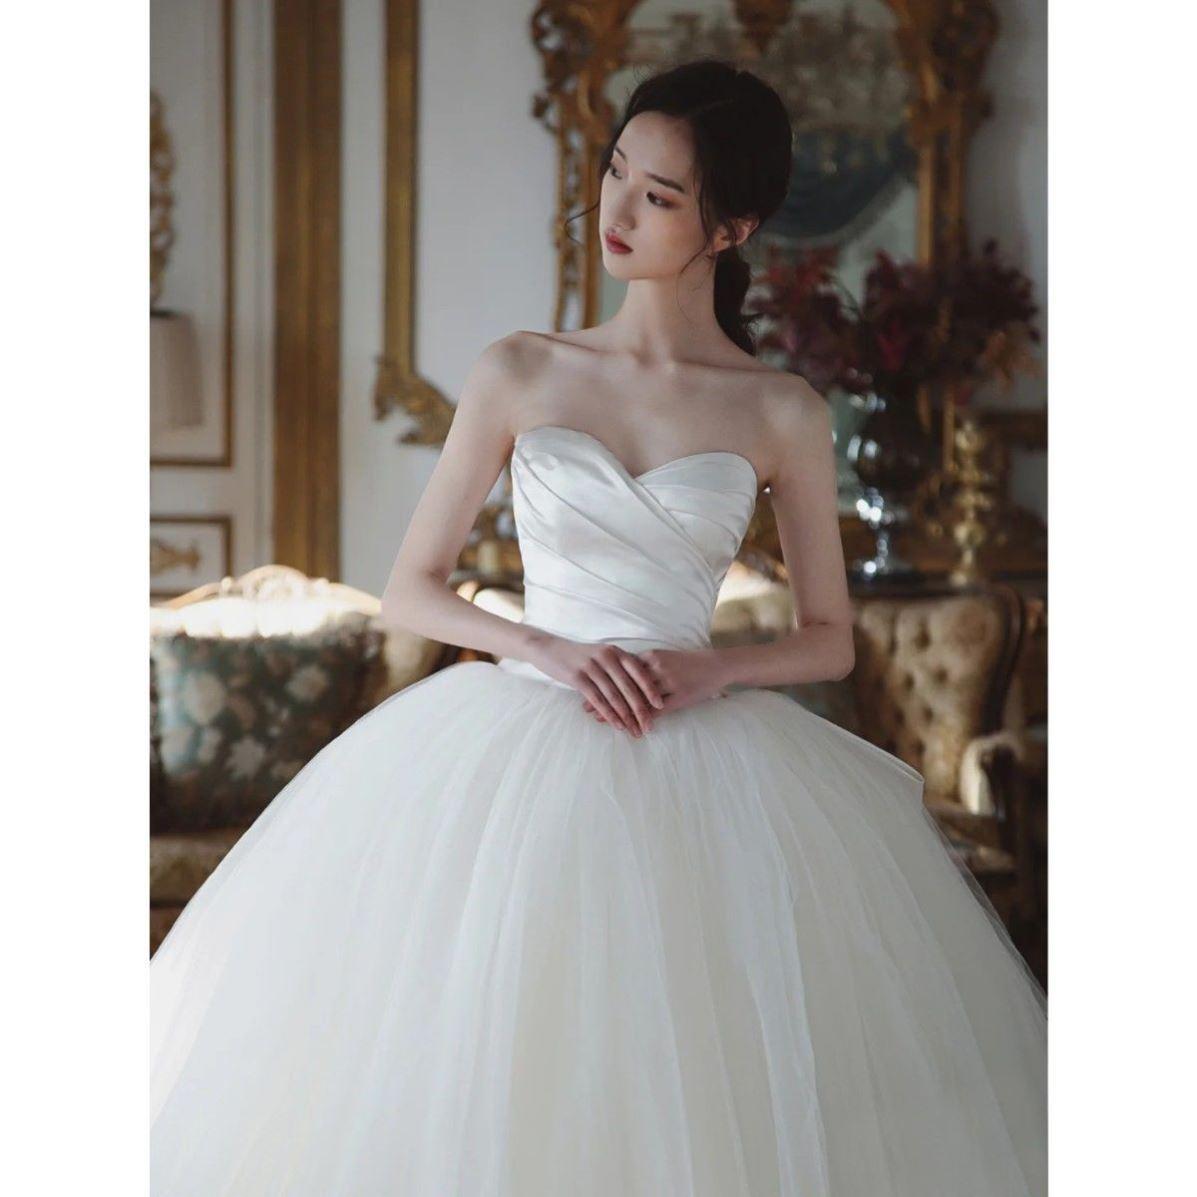 2021新款缎面抹胸主婚纱简约齐地显瘦赫本风韩式蝴蝶结法式轻纱